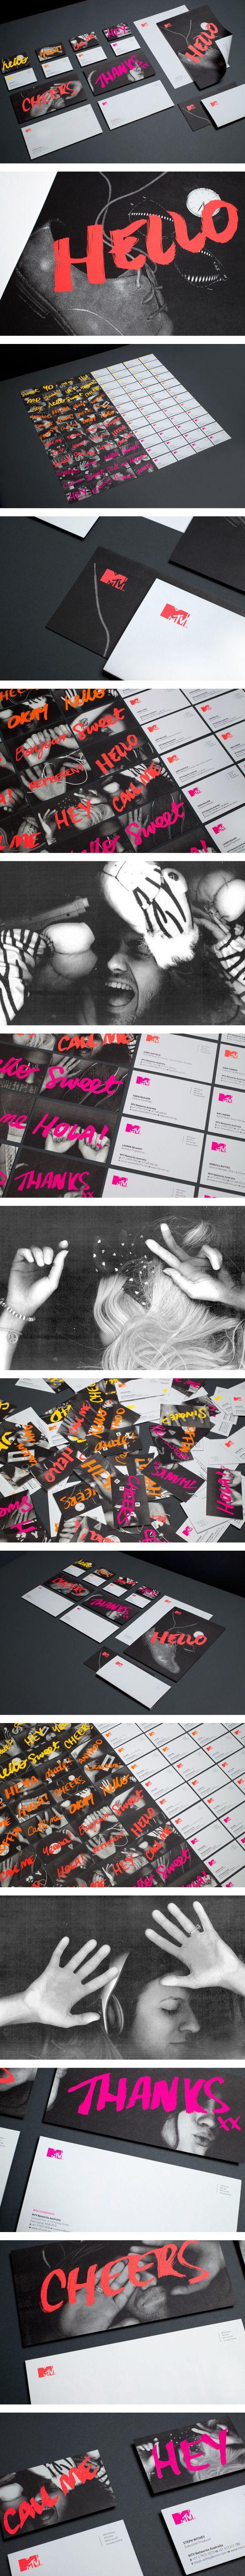 MTV Branding on Behance | Fivestar Branding – Design and Branding Agency & Inspiration Gallery